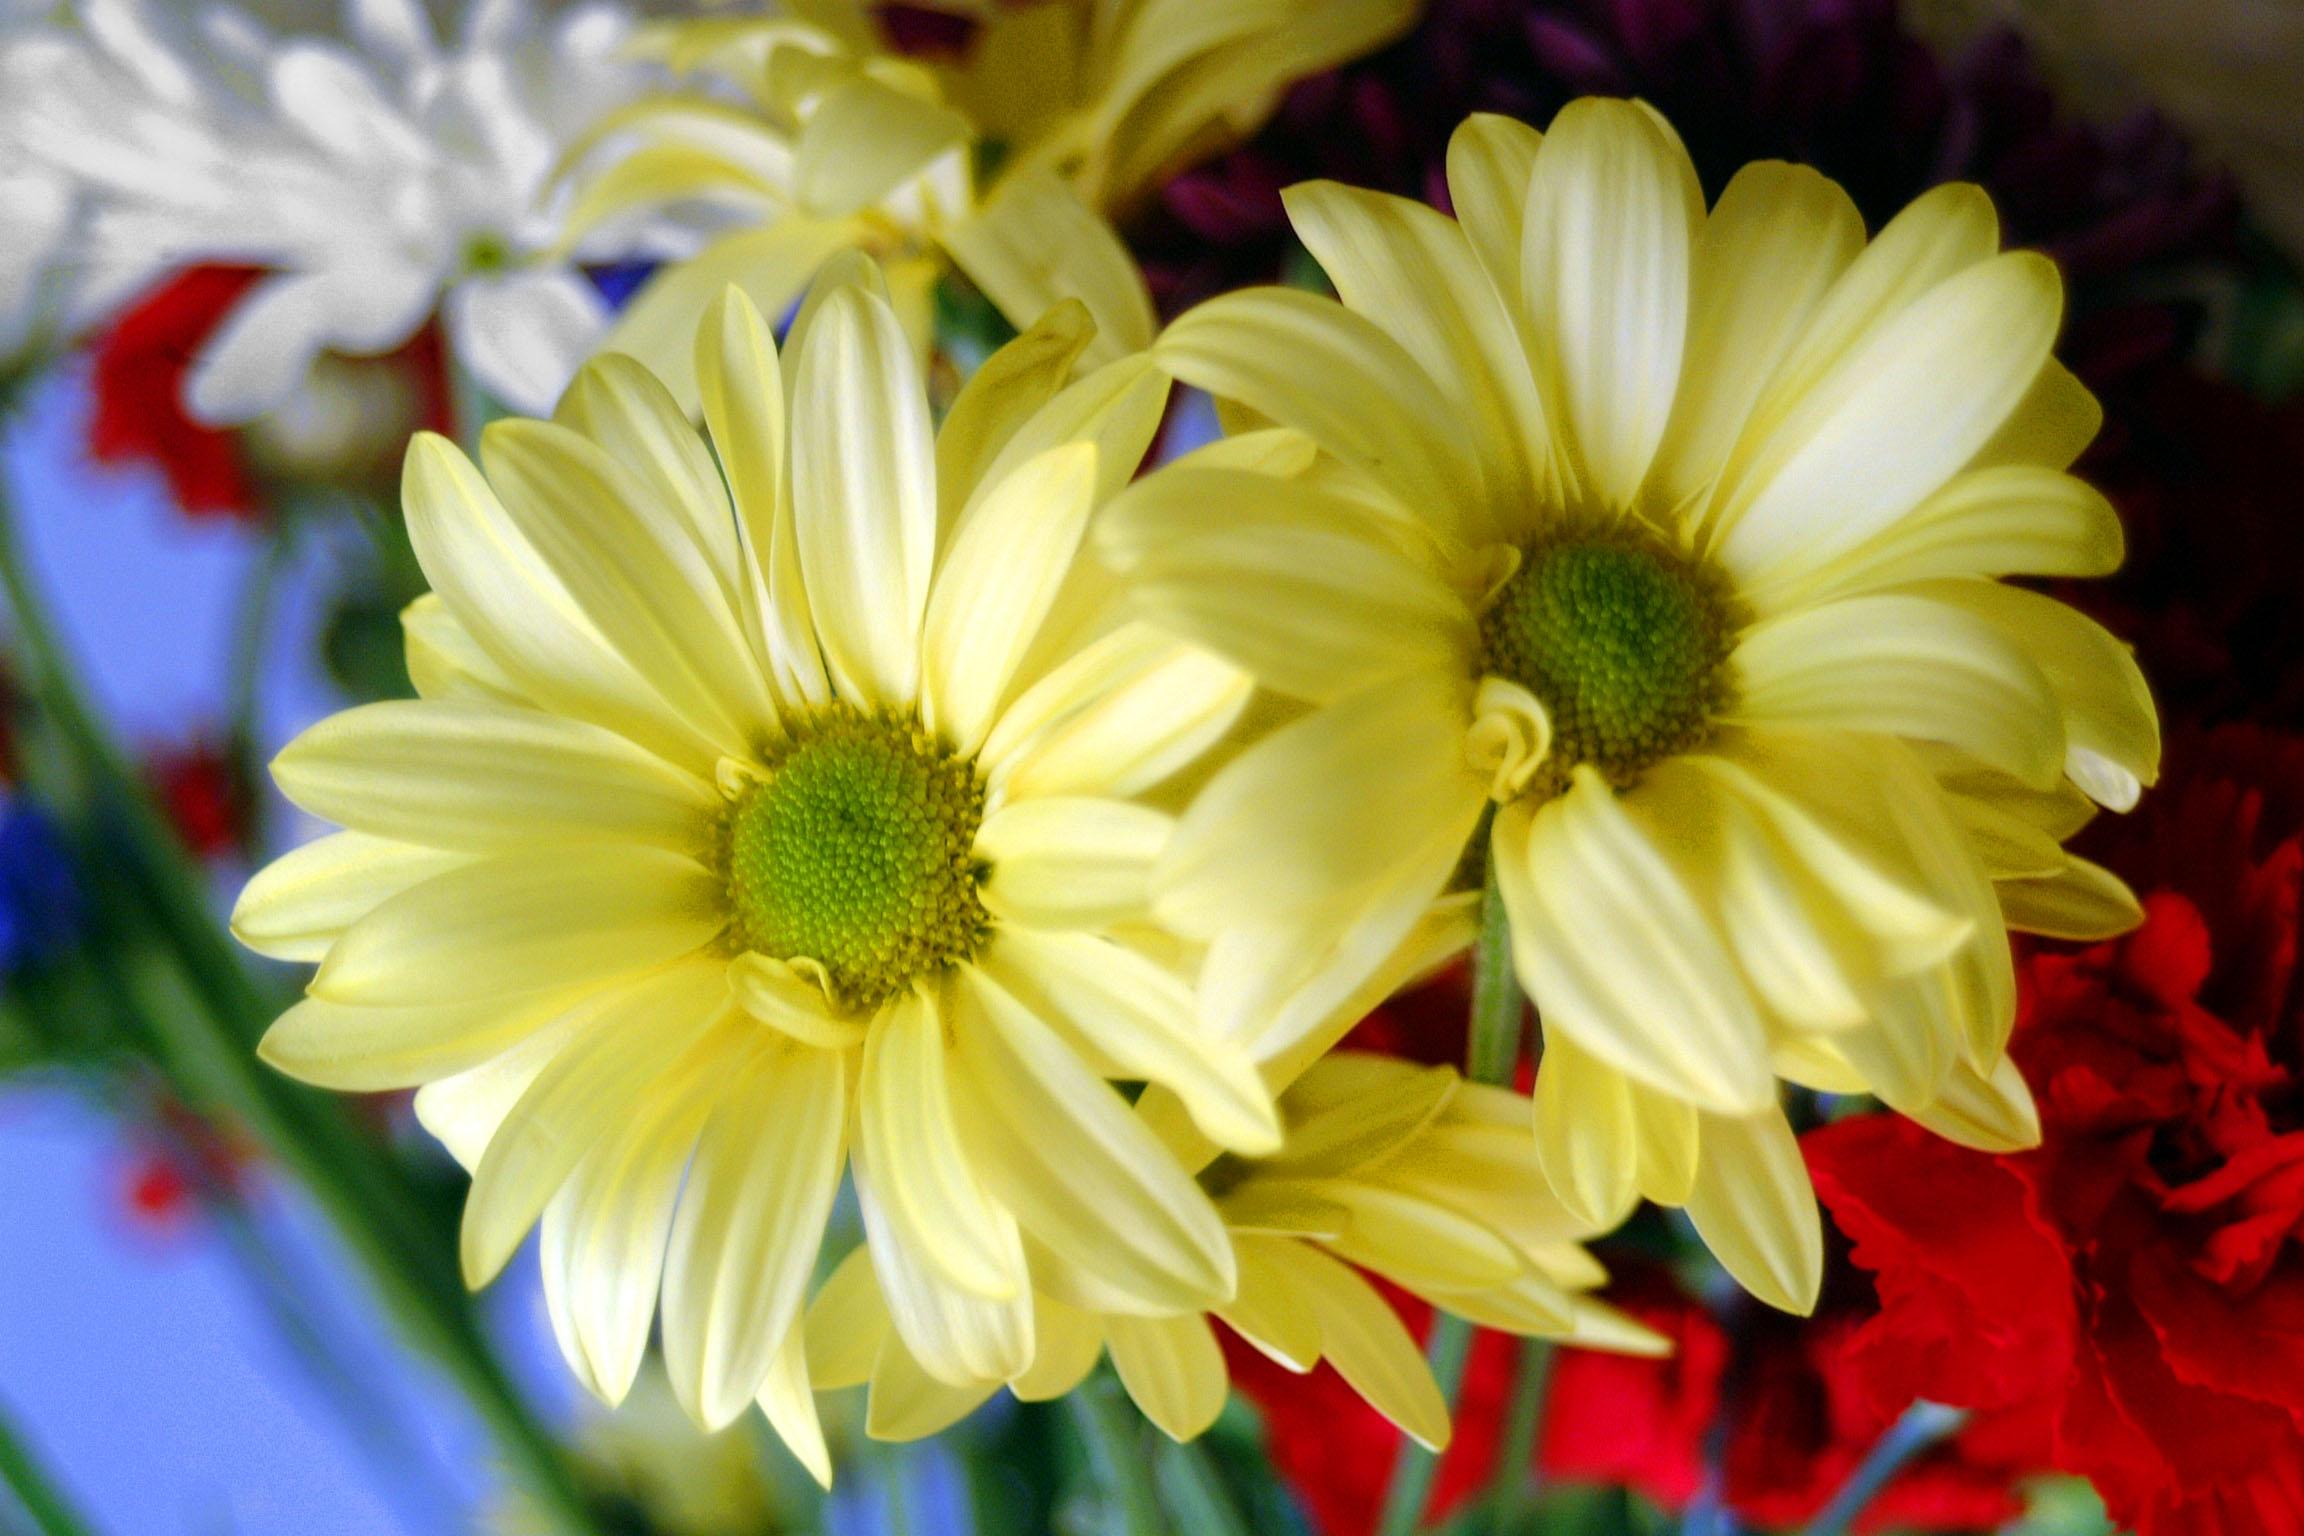 بالصور صور ازهار , احلي صور لازهار وورود جميلة 6490 8